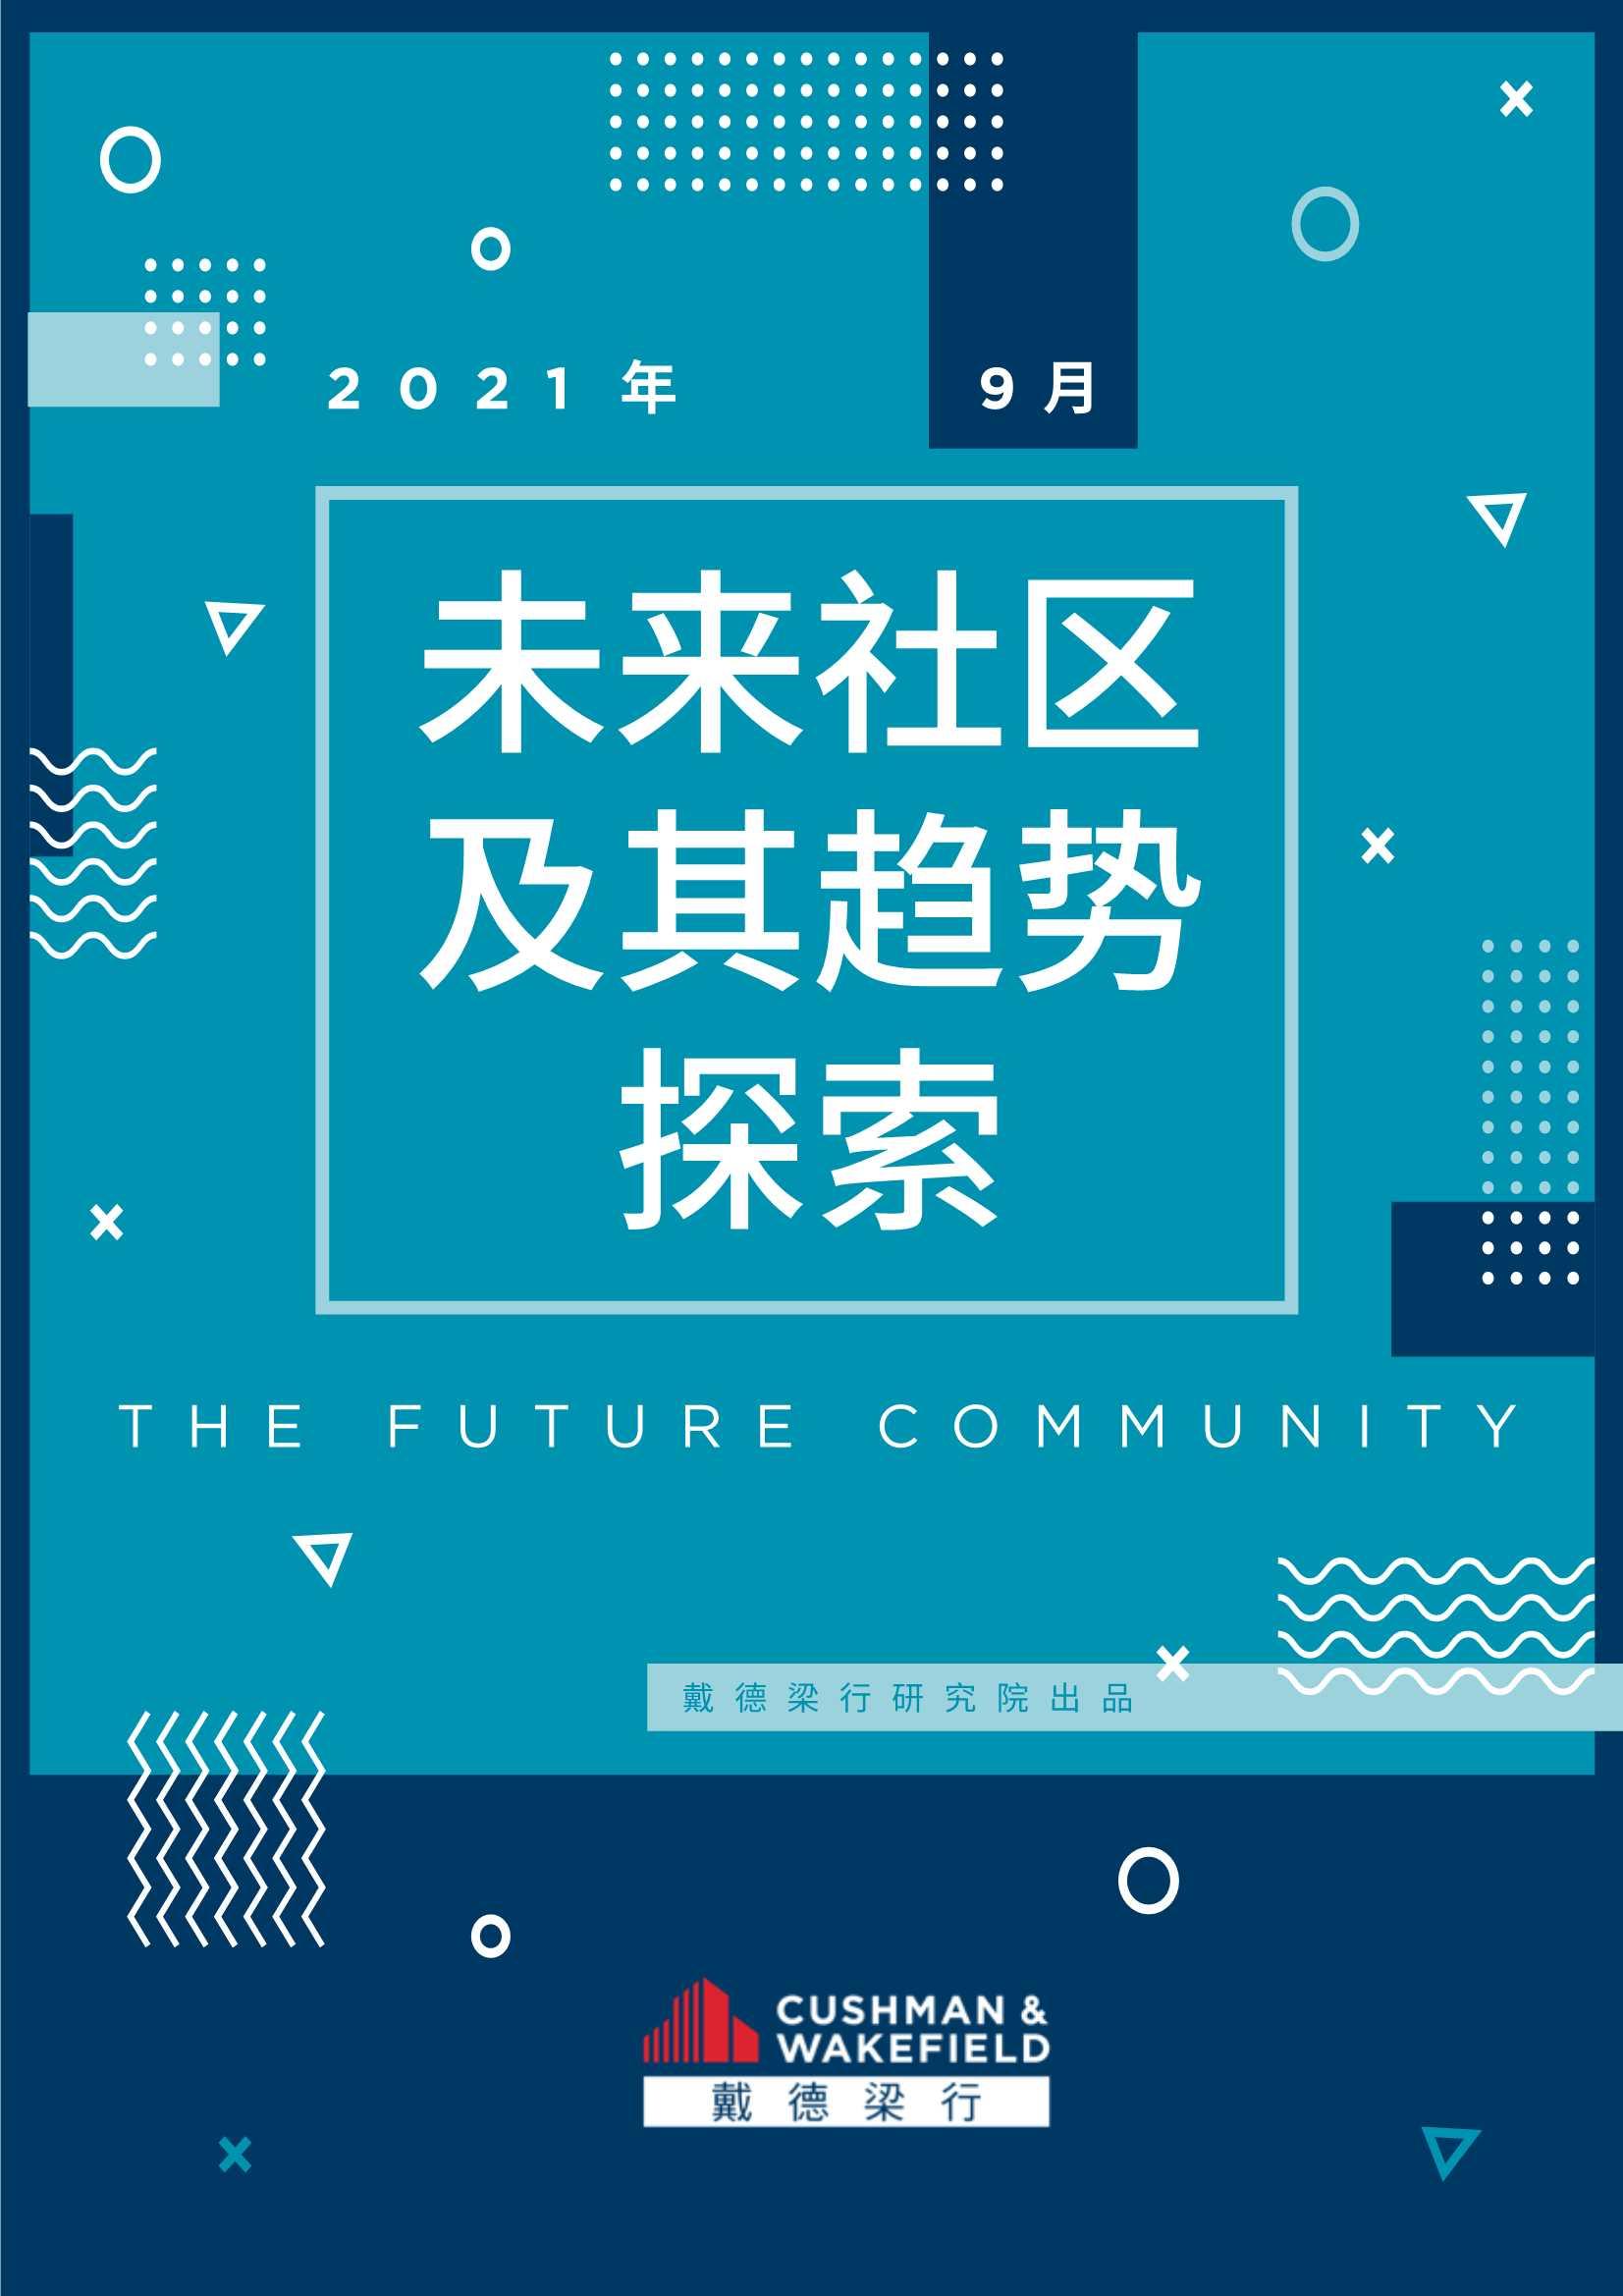 戴德梁行-未来社区及其趋势探索?-2021.09-52页